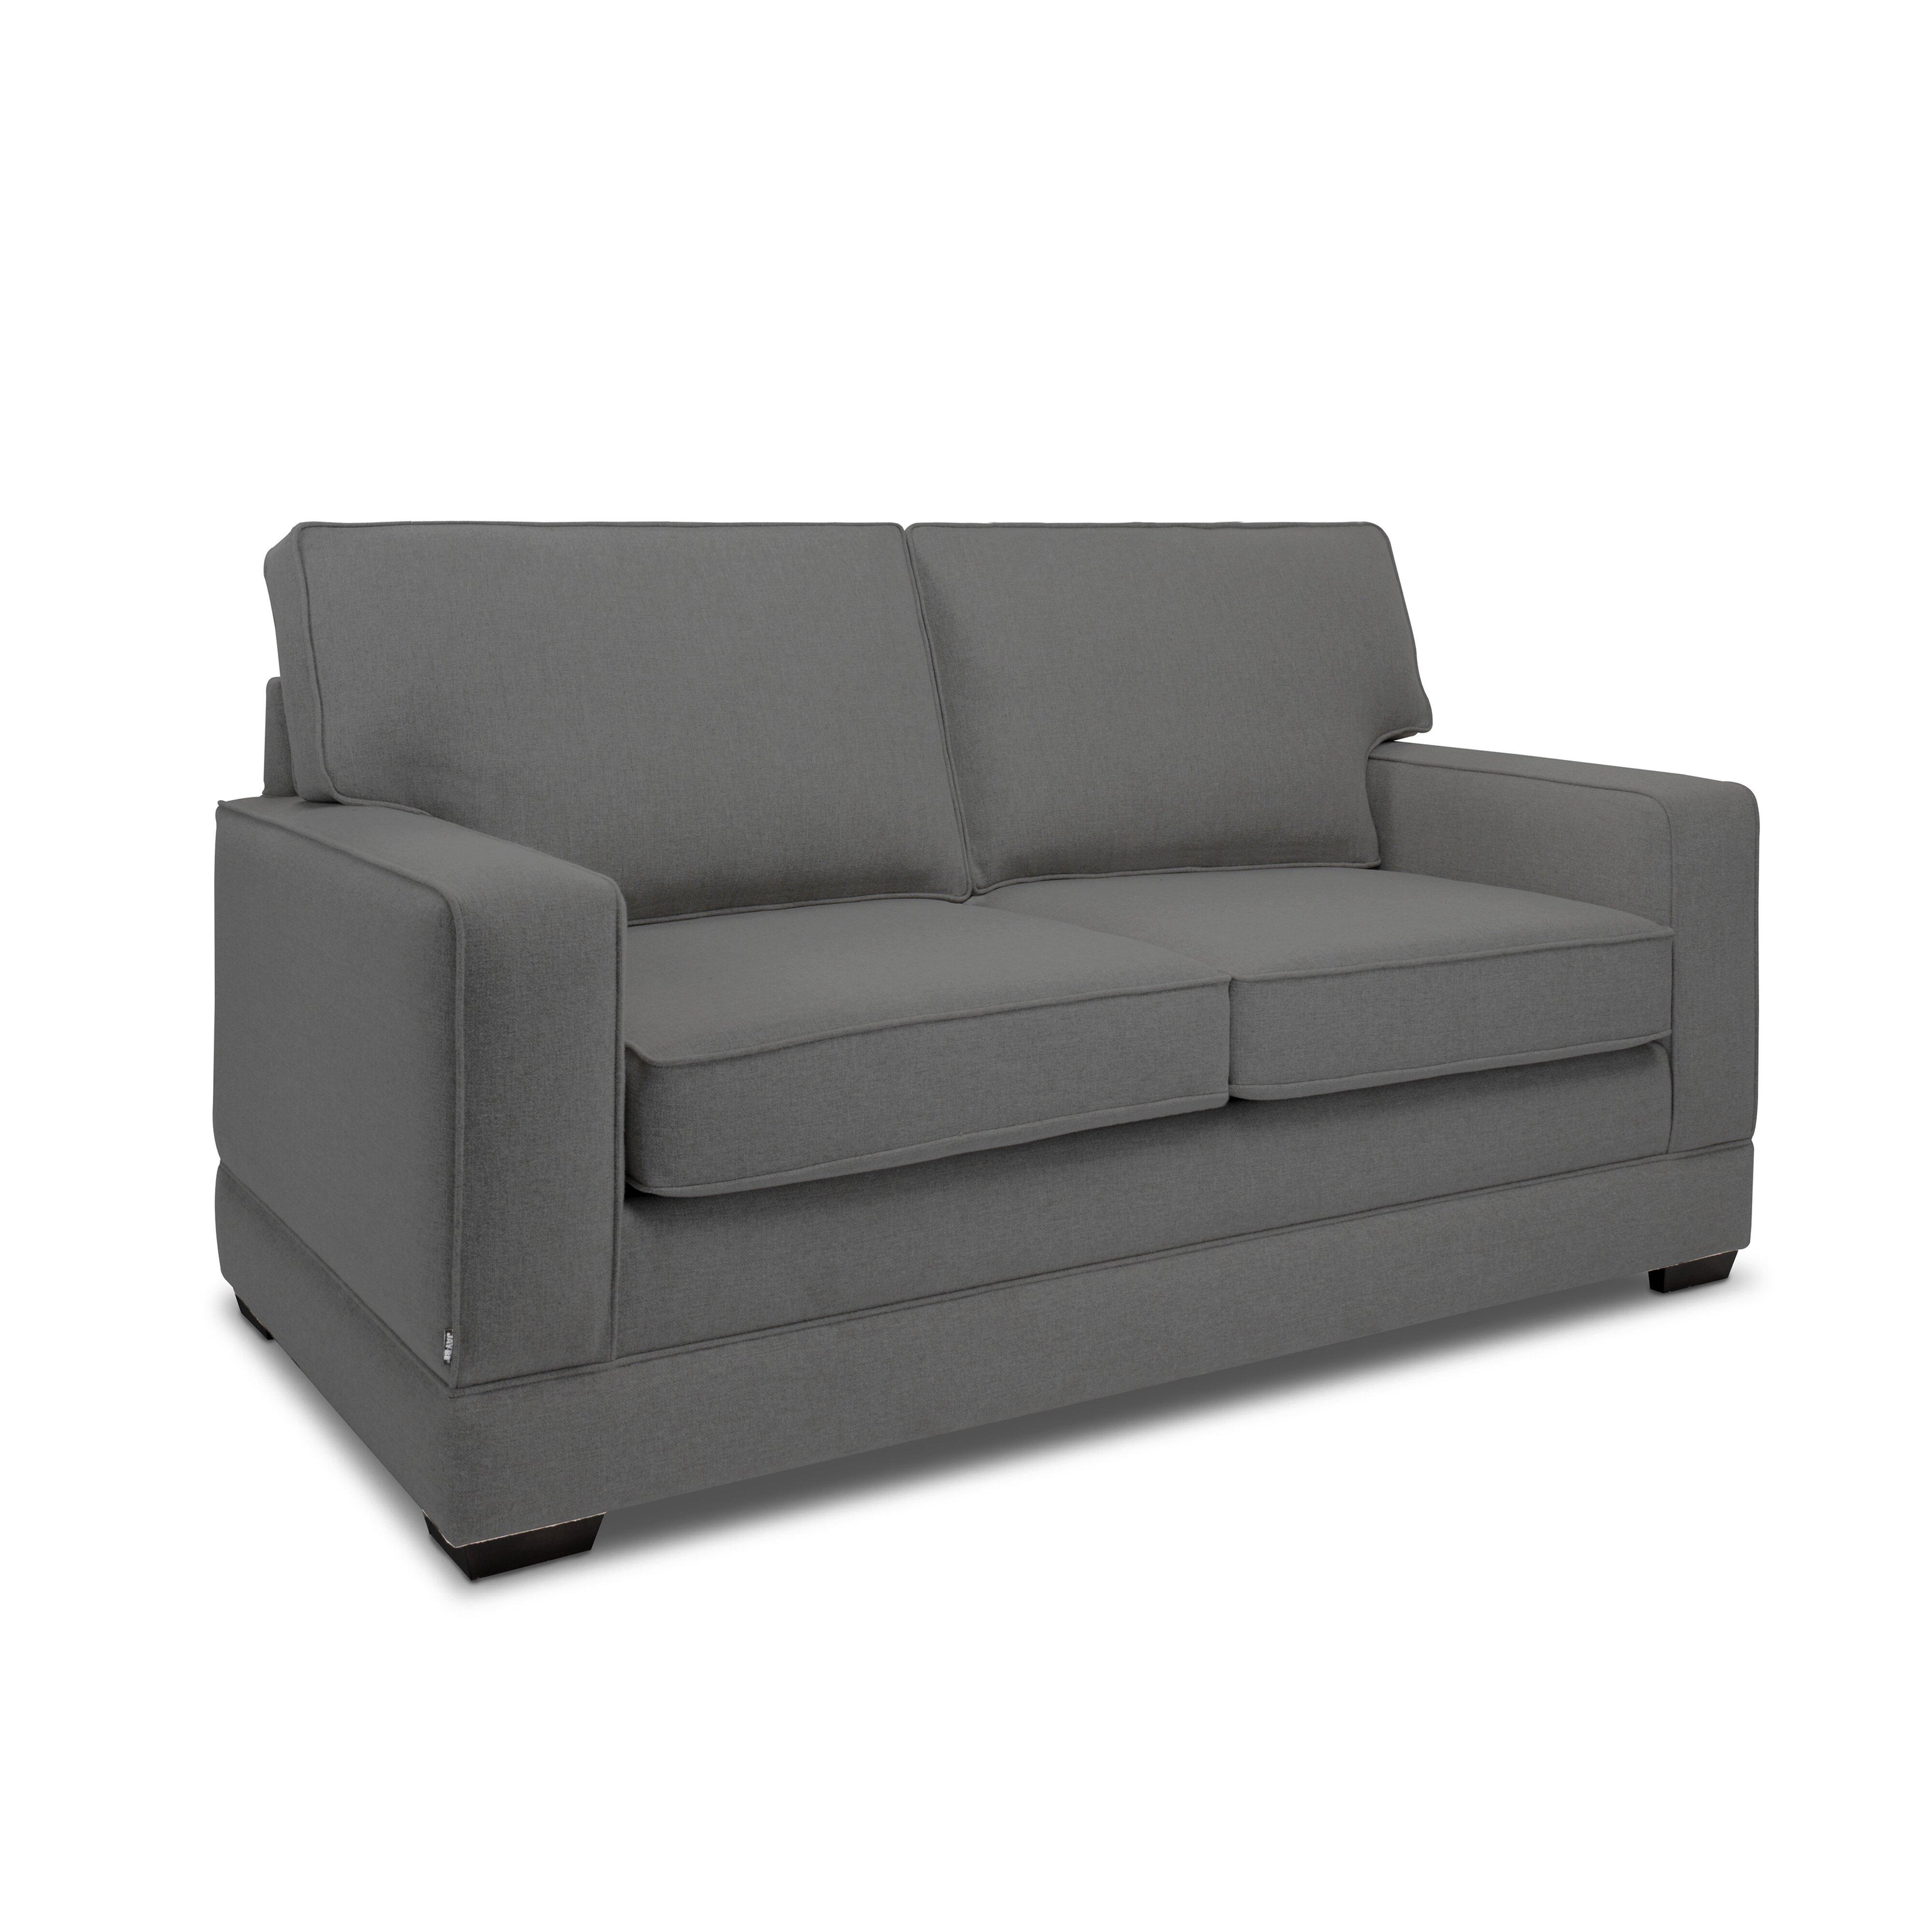 Jay Be 2 Seater Fold Out Sofa Wayfair Uk